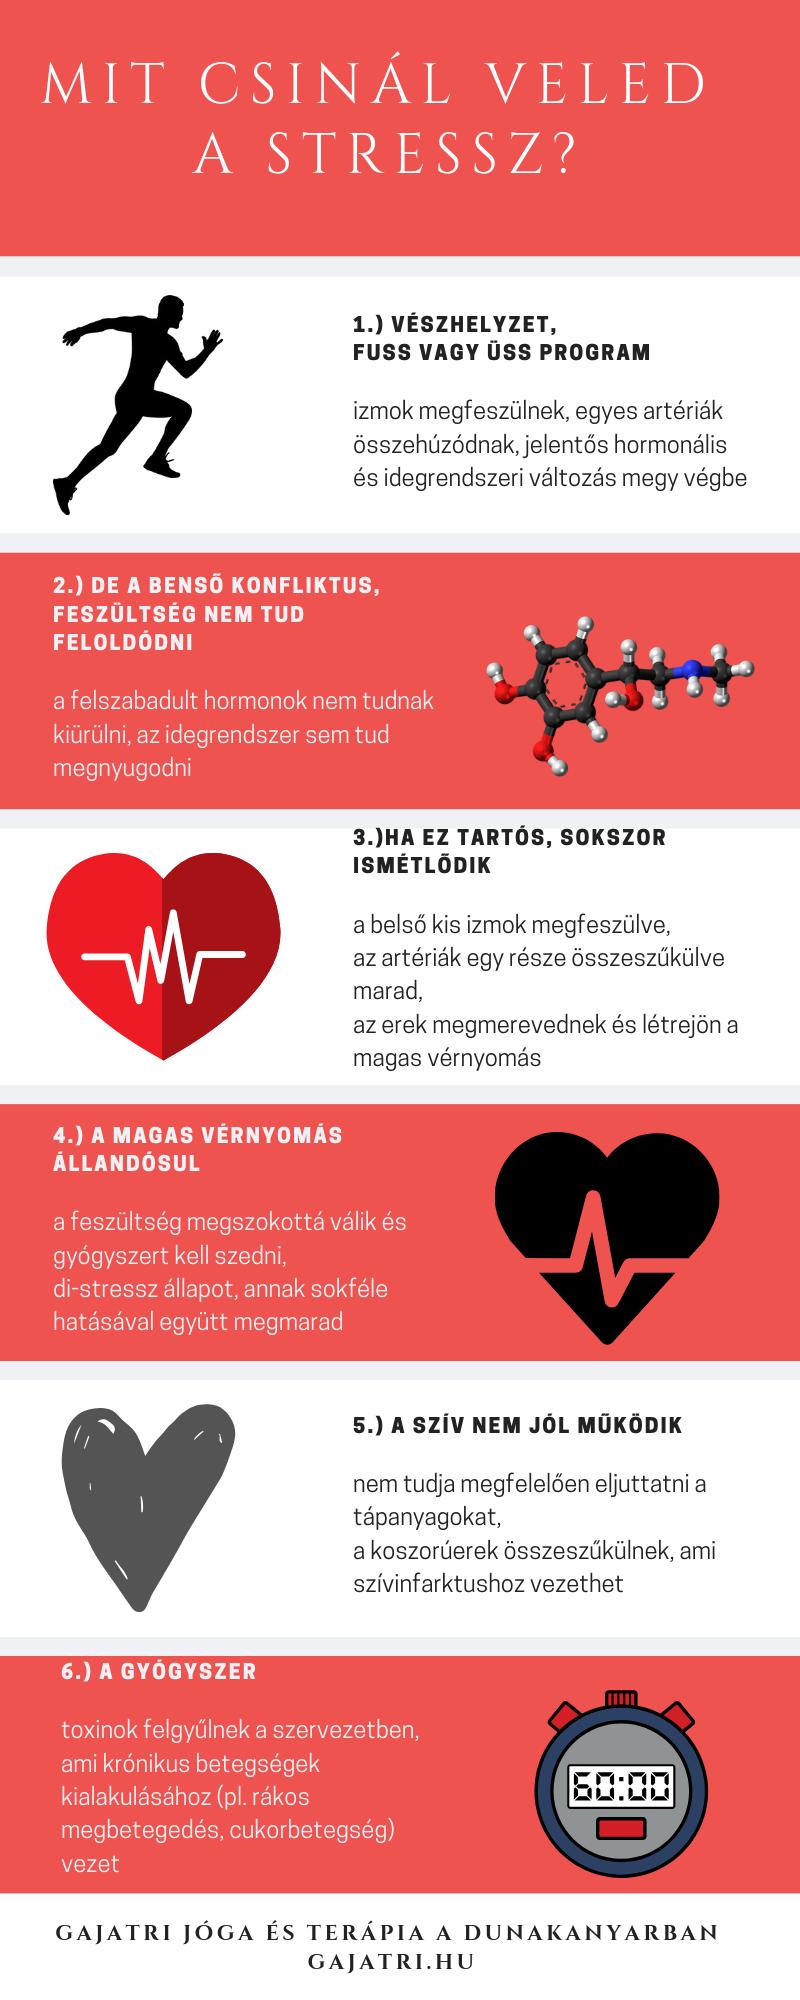 Cialis magas vérnyomás ellen